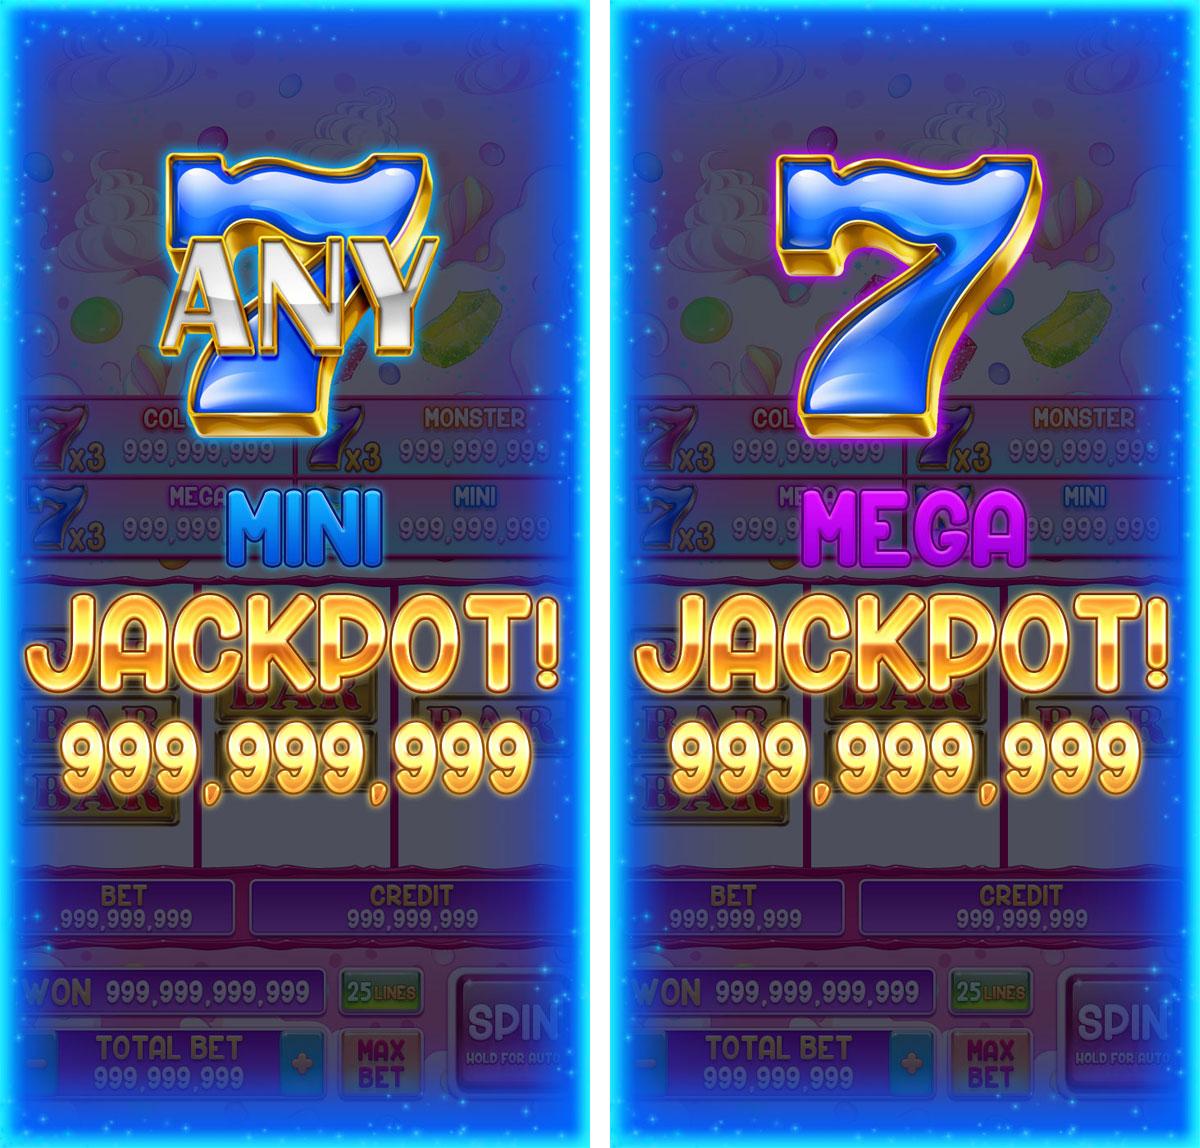 jelly_777_blog_jackpots-1